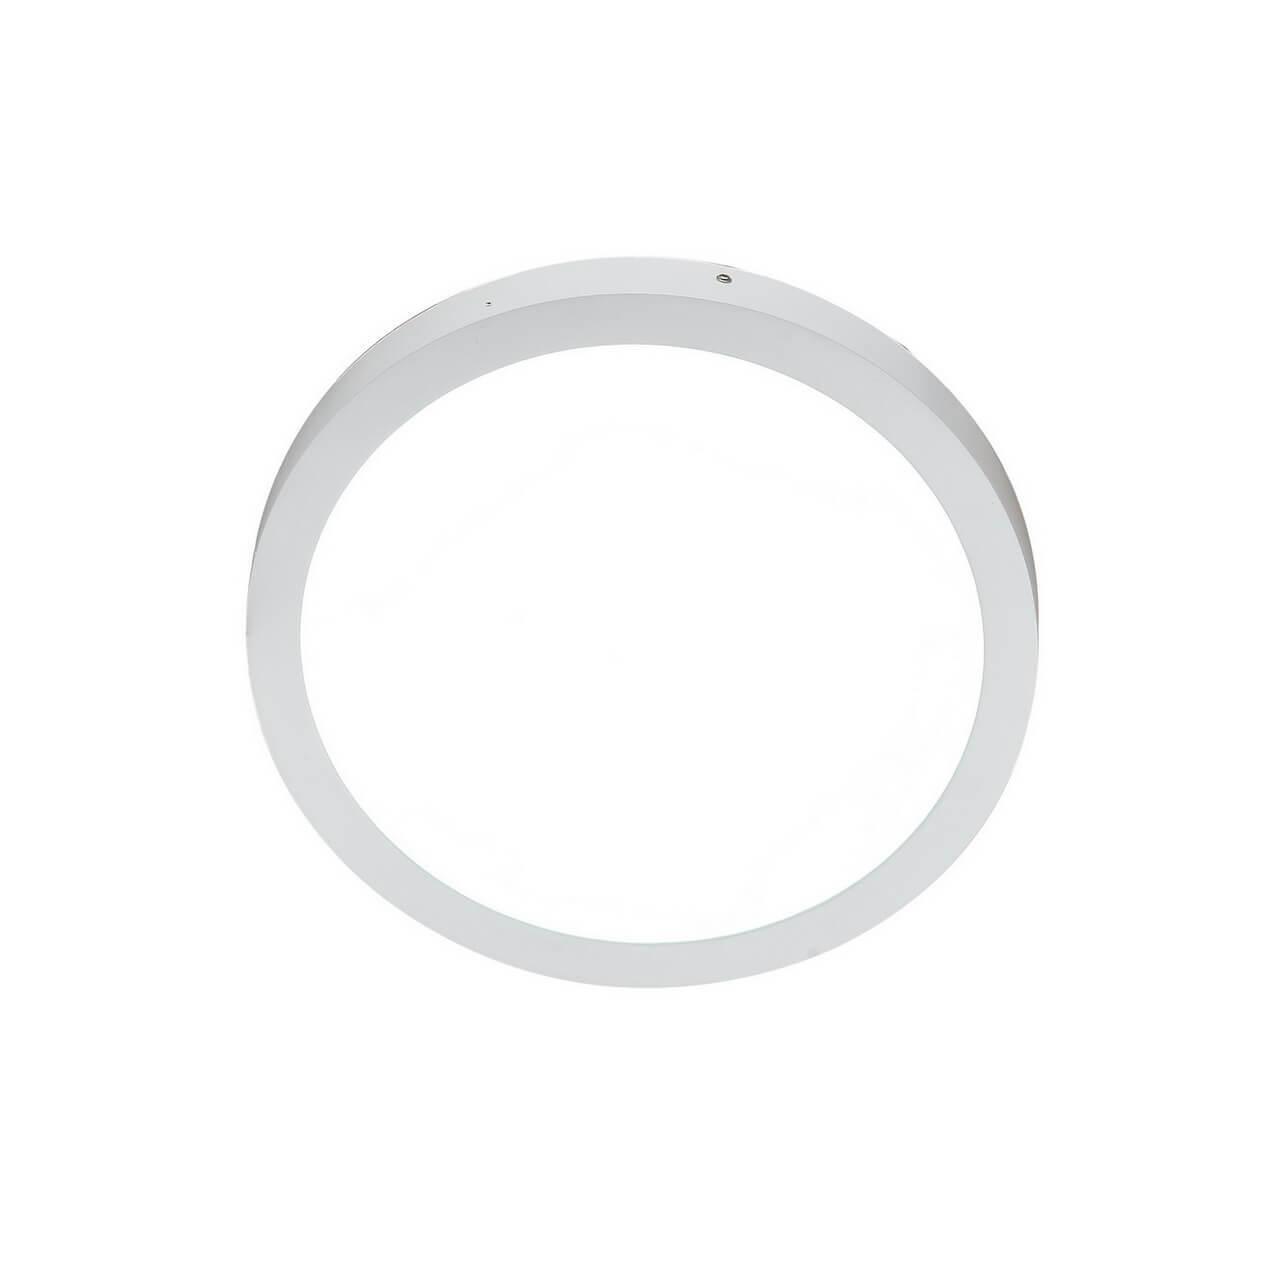 Накладной светильник Favourite 1347-24C, LED, 24 Вт потолочный светильник favourite flashled арт 1341 24c